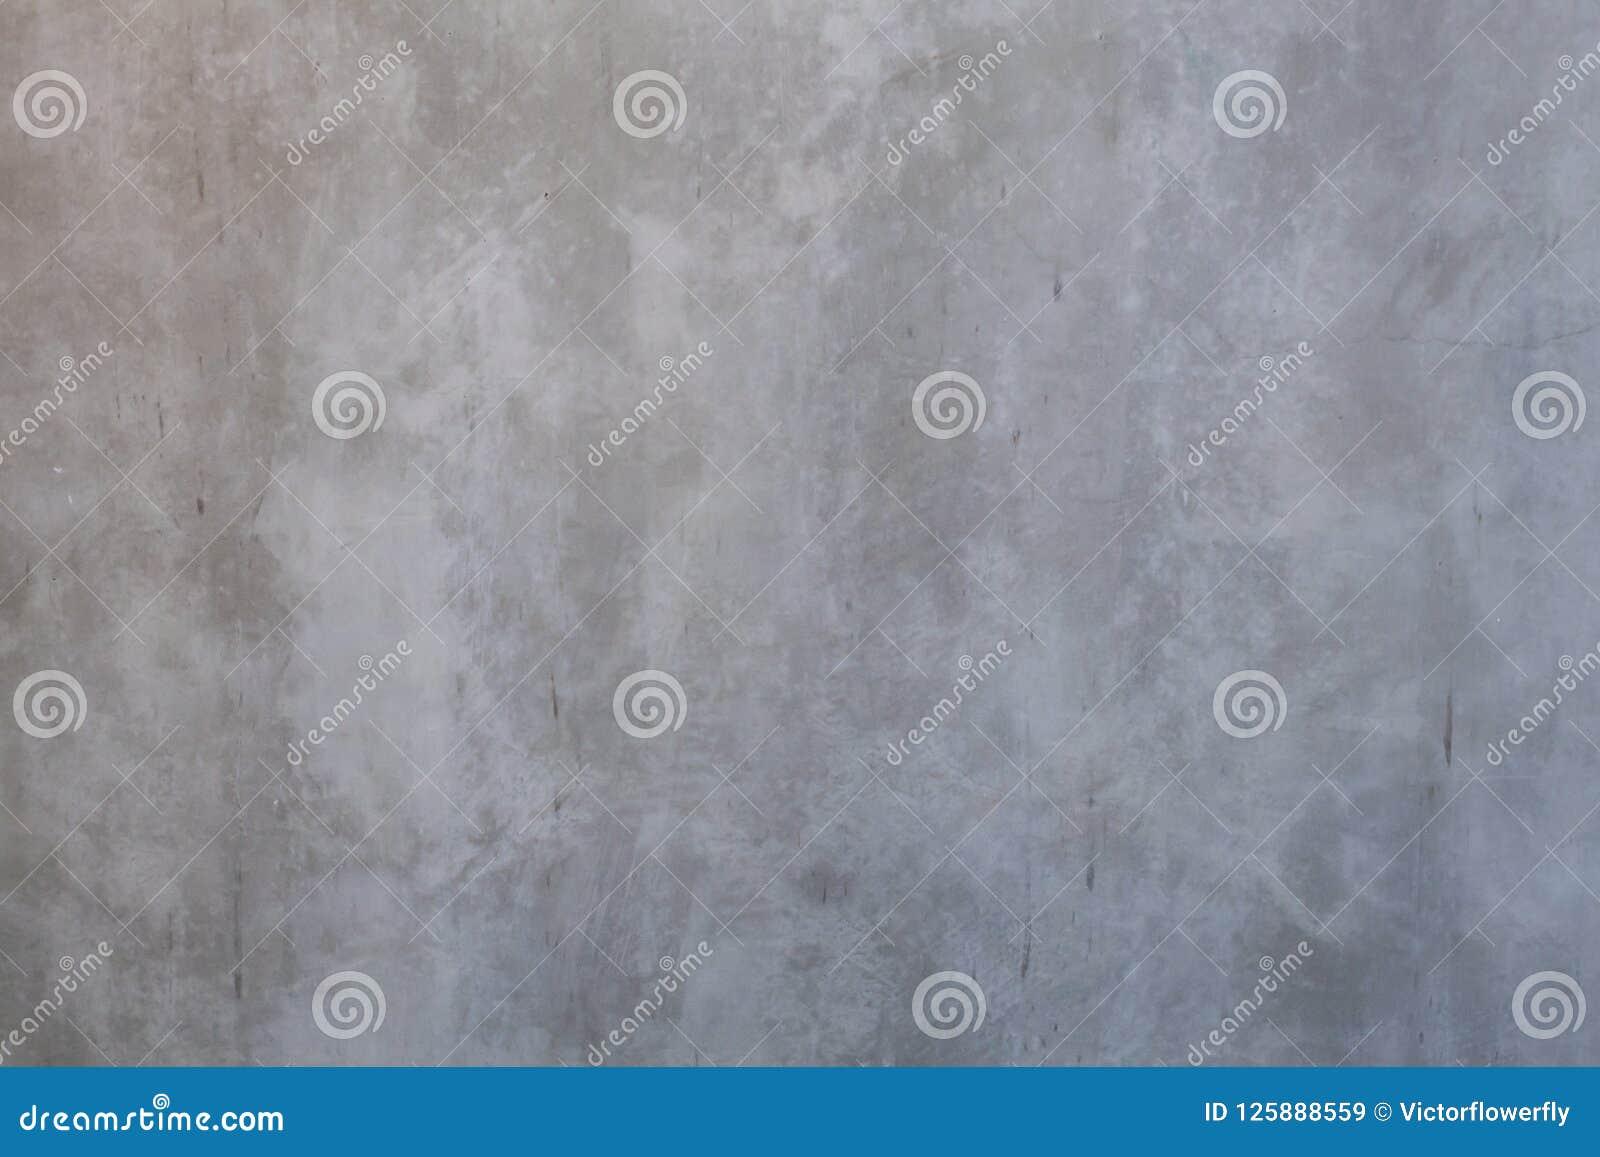 Teste padrão exposto lustrado desencapado claro da textura do cimento no fundo da superfície da parede da casa Detalhe o contexto